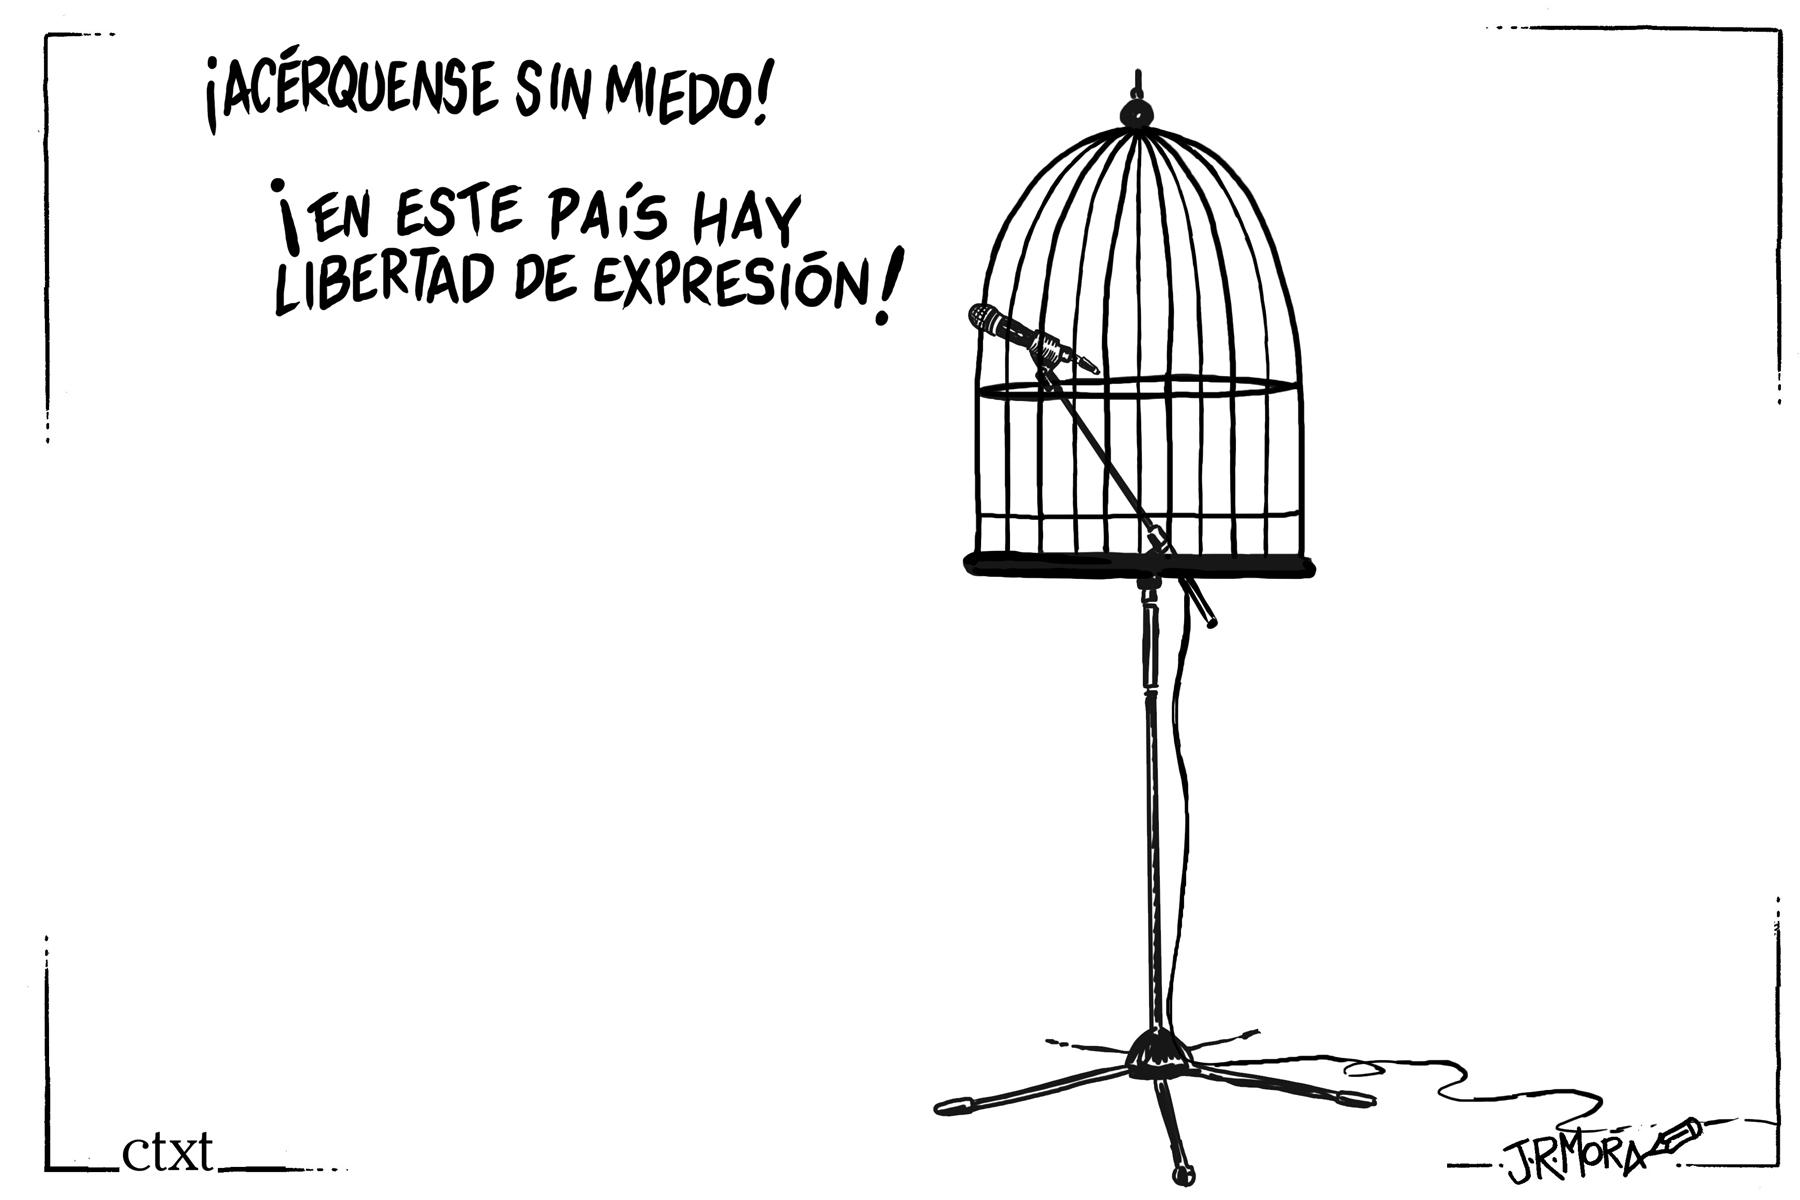 <p>Libertad de expresión.</p>